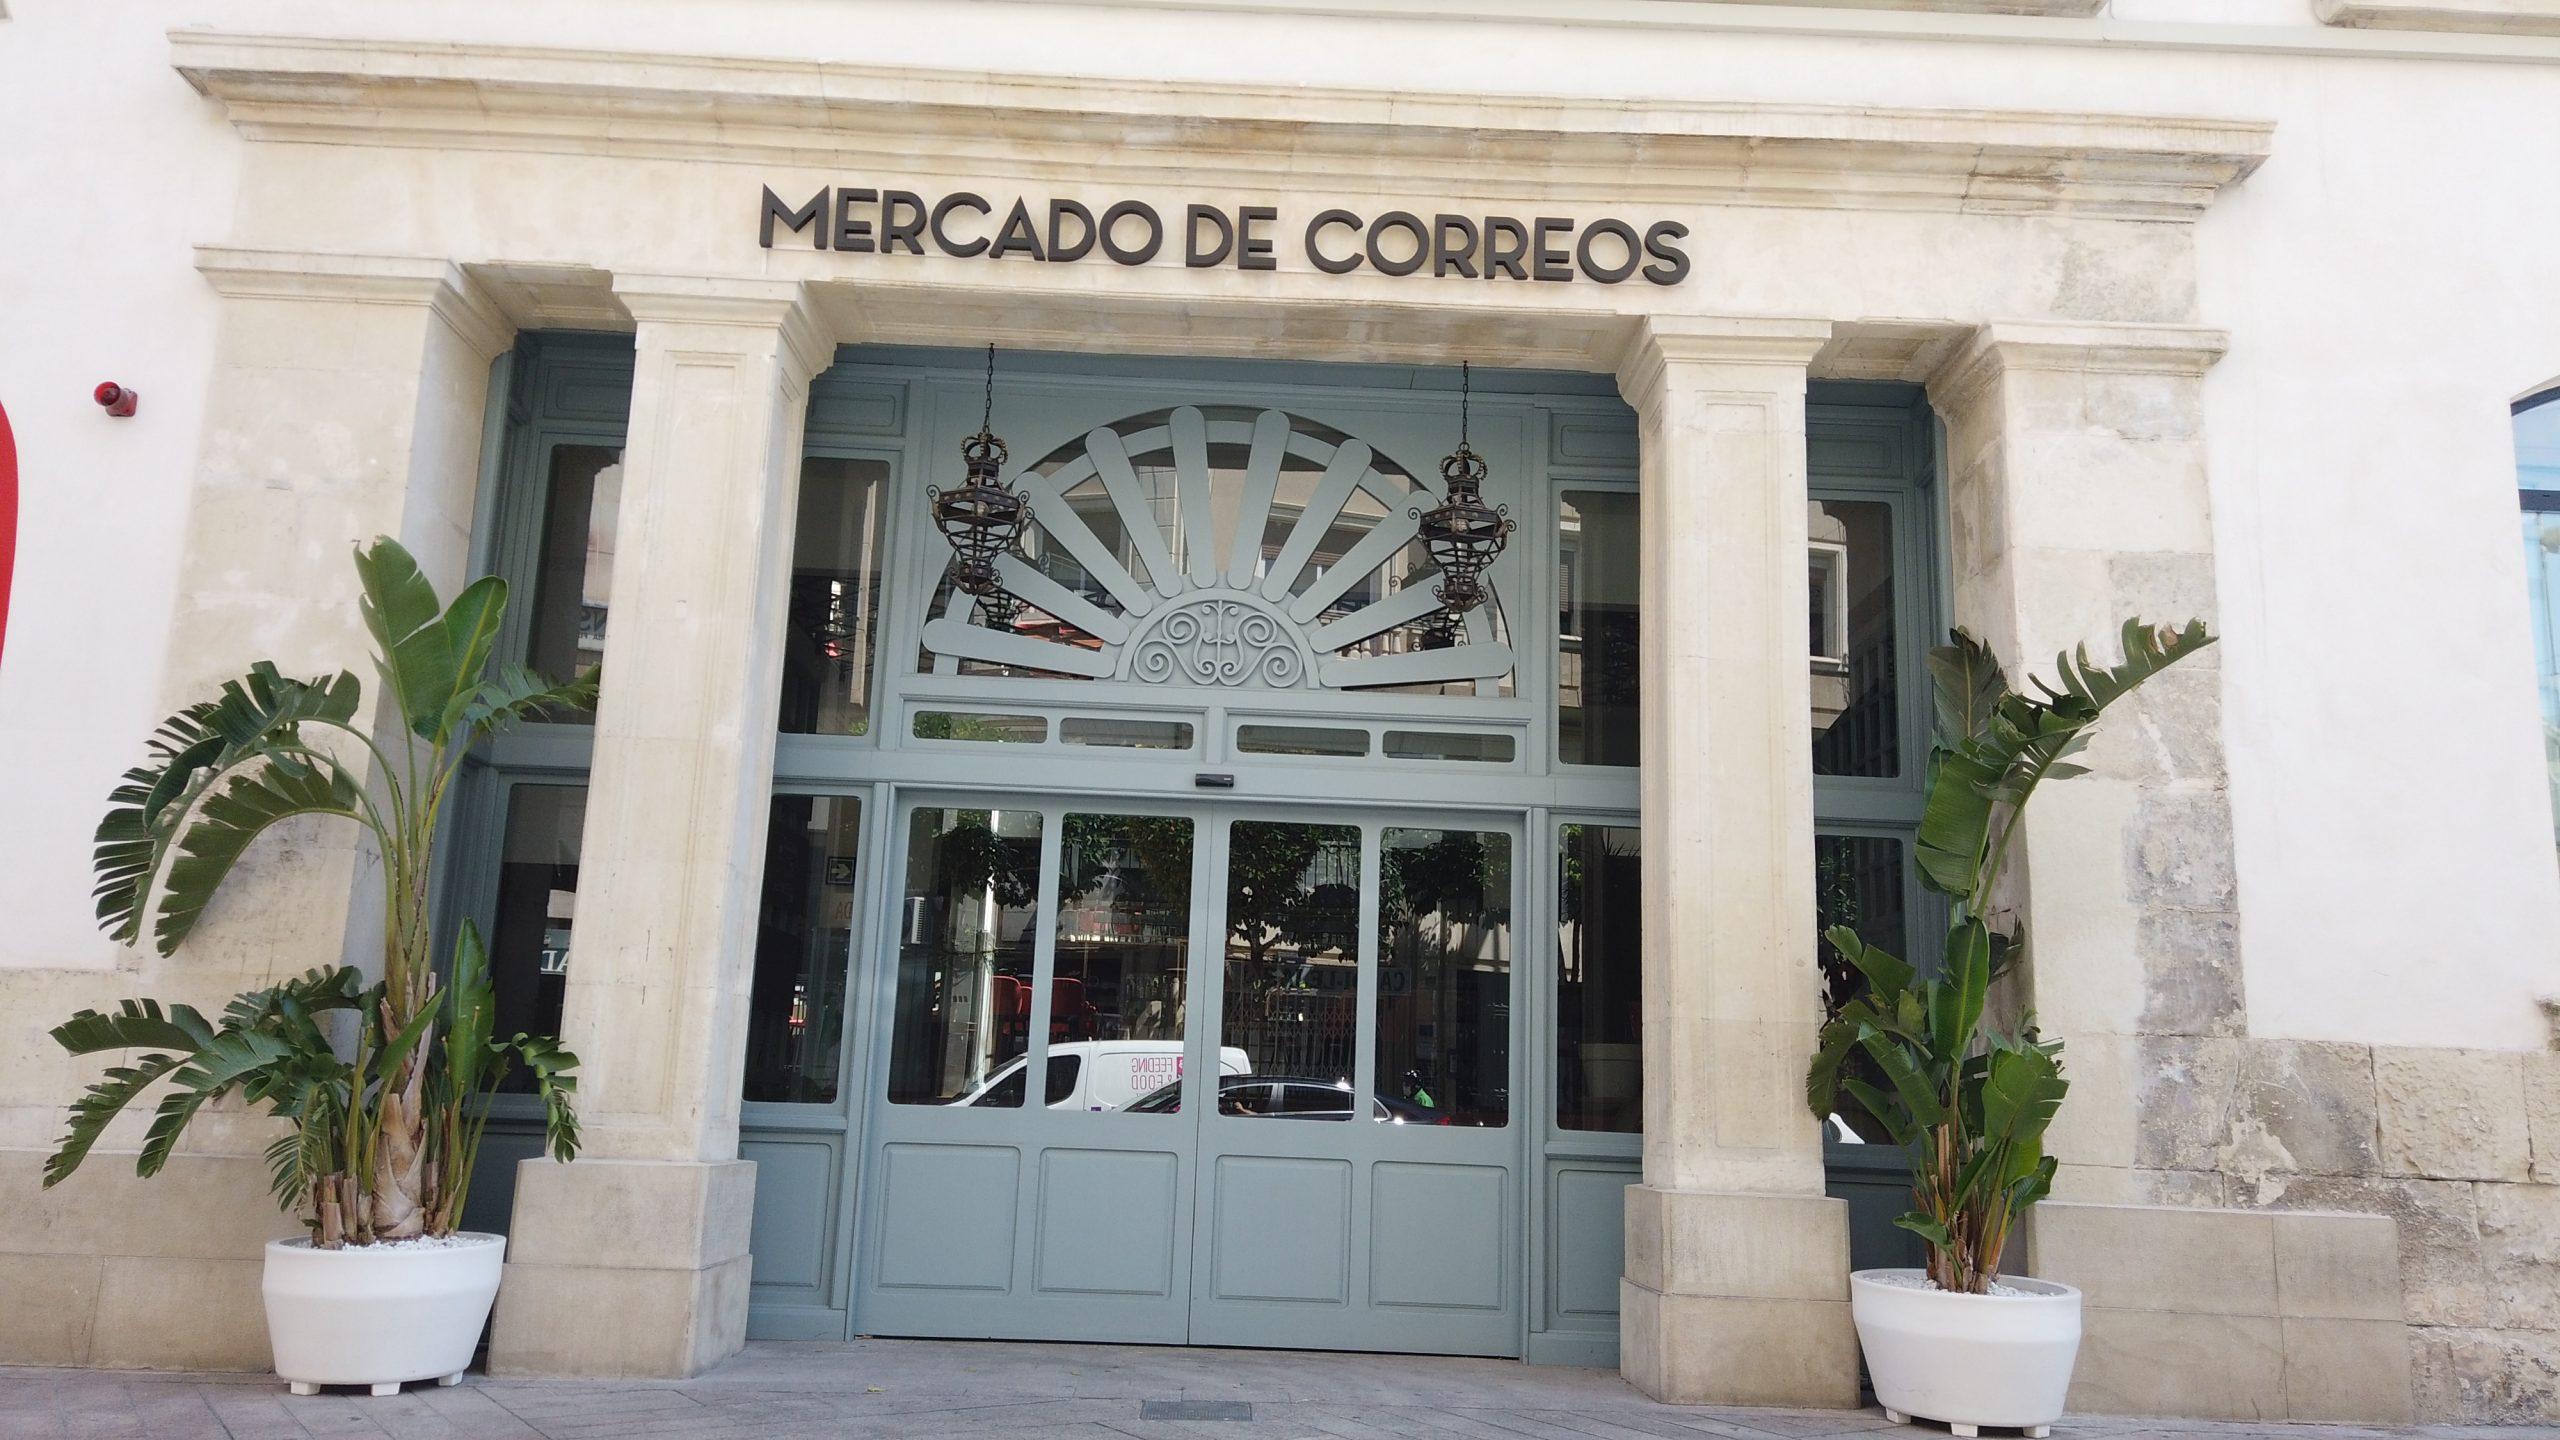 Mercado de Correos